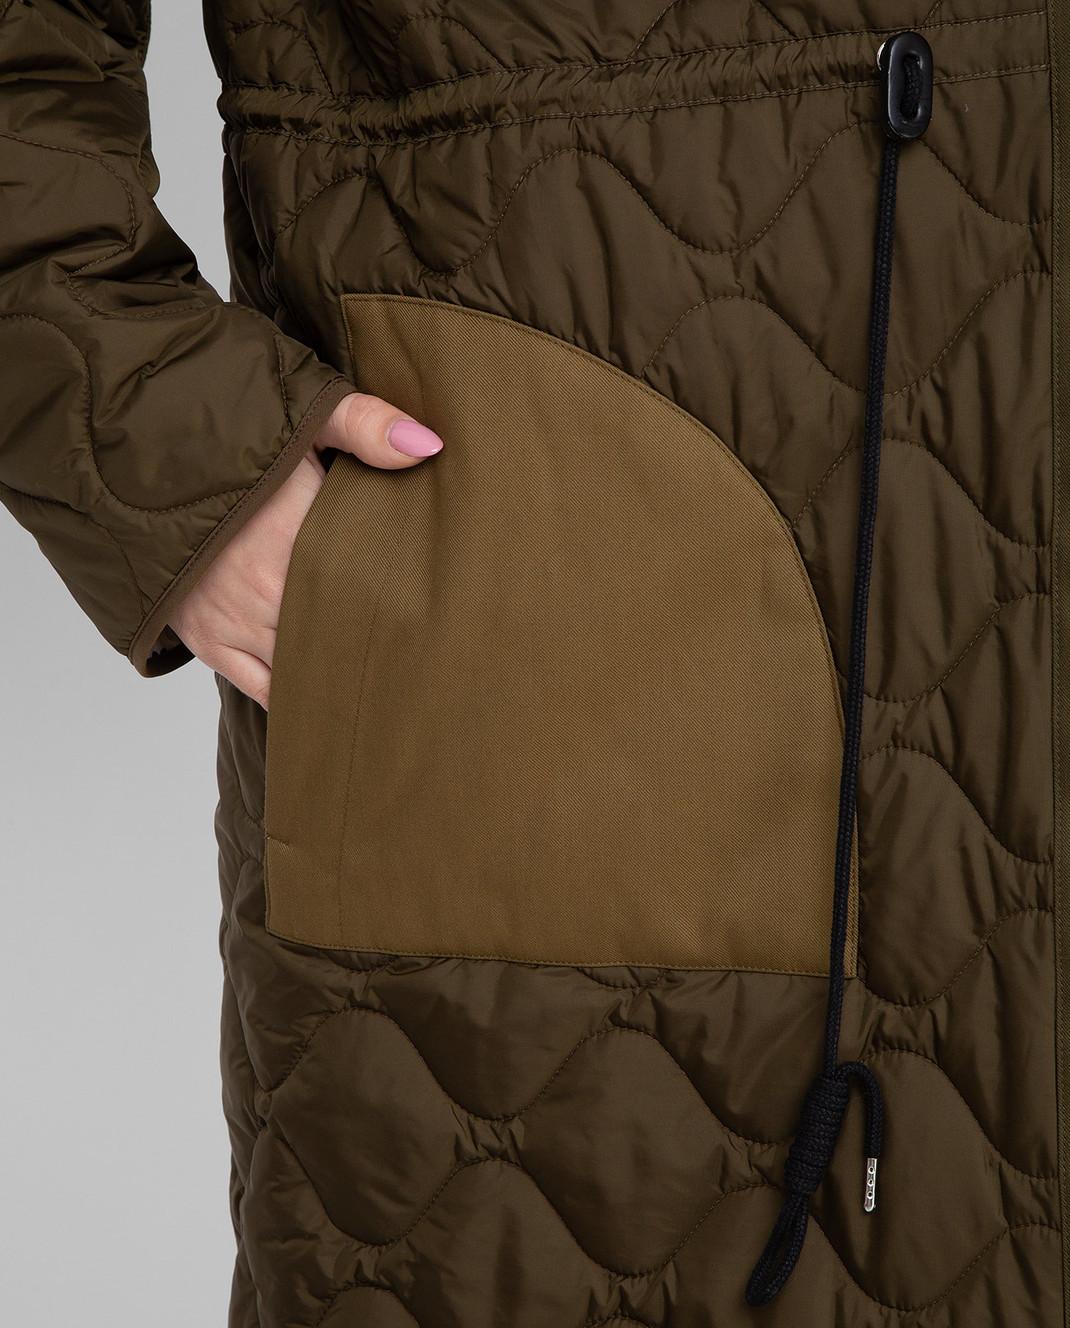 Altuzarra Двухсторонняя куртка 318104805 изображение 5